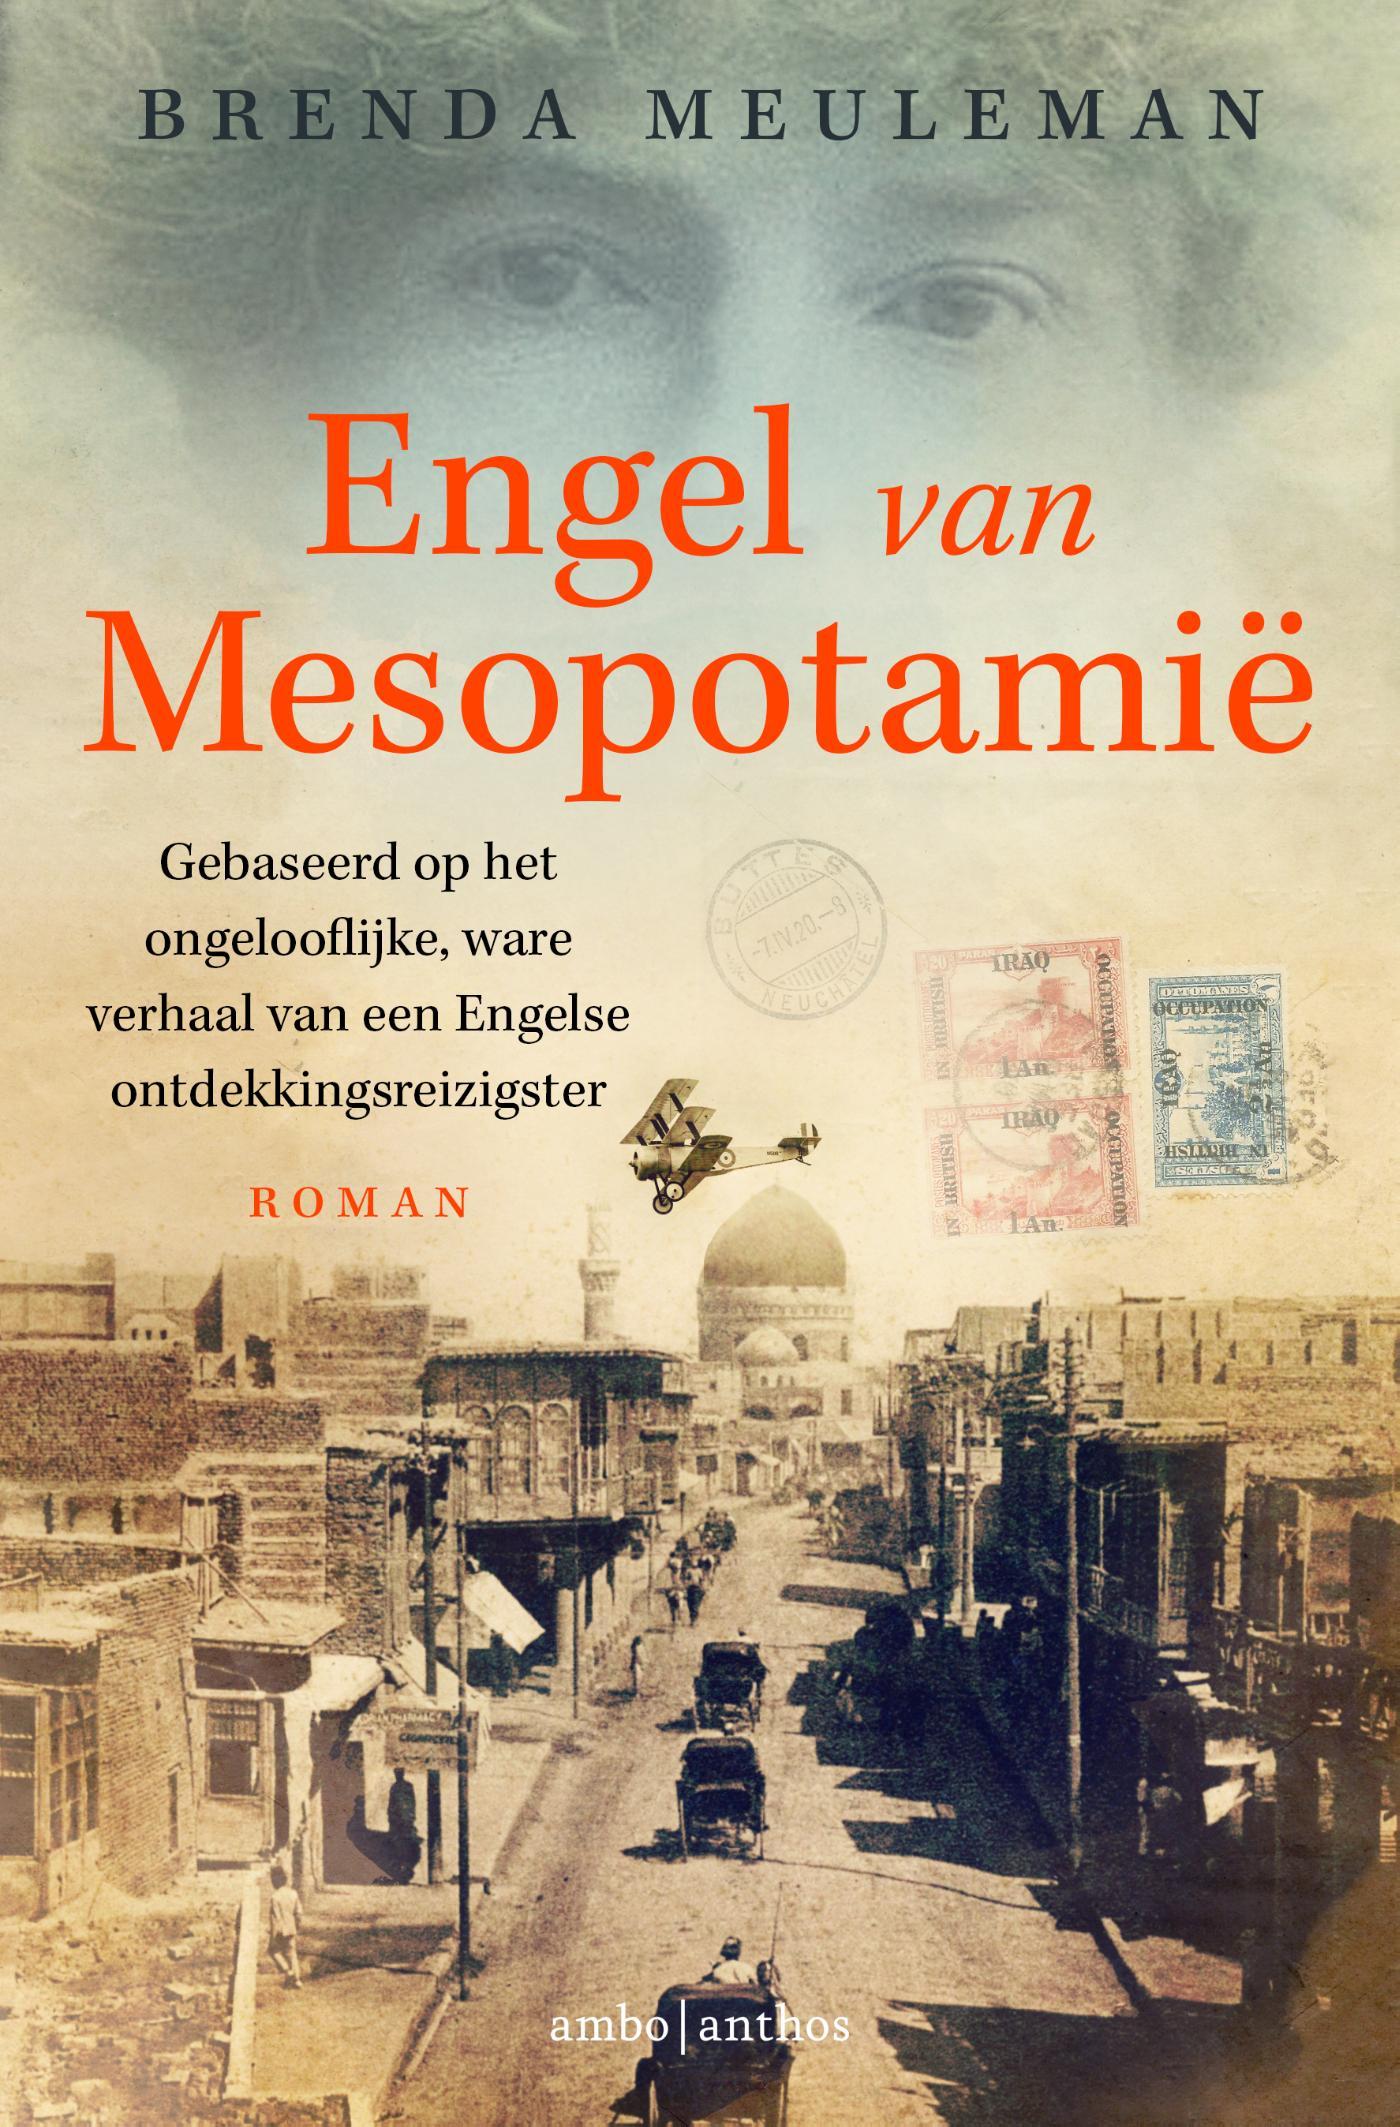 Engel van Mesopotamië (Ebook)